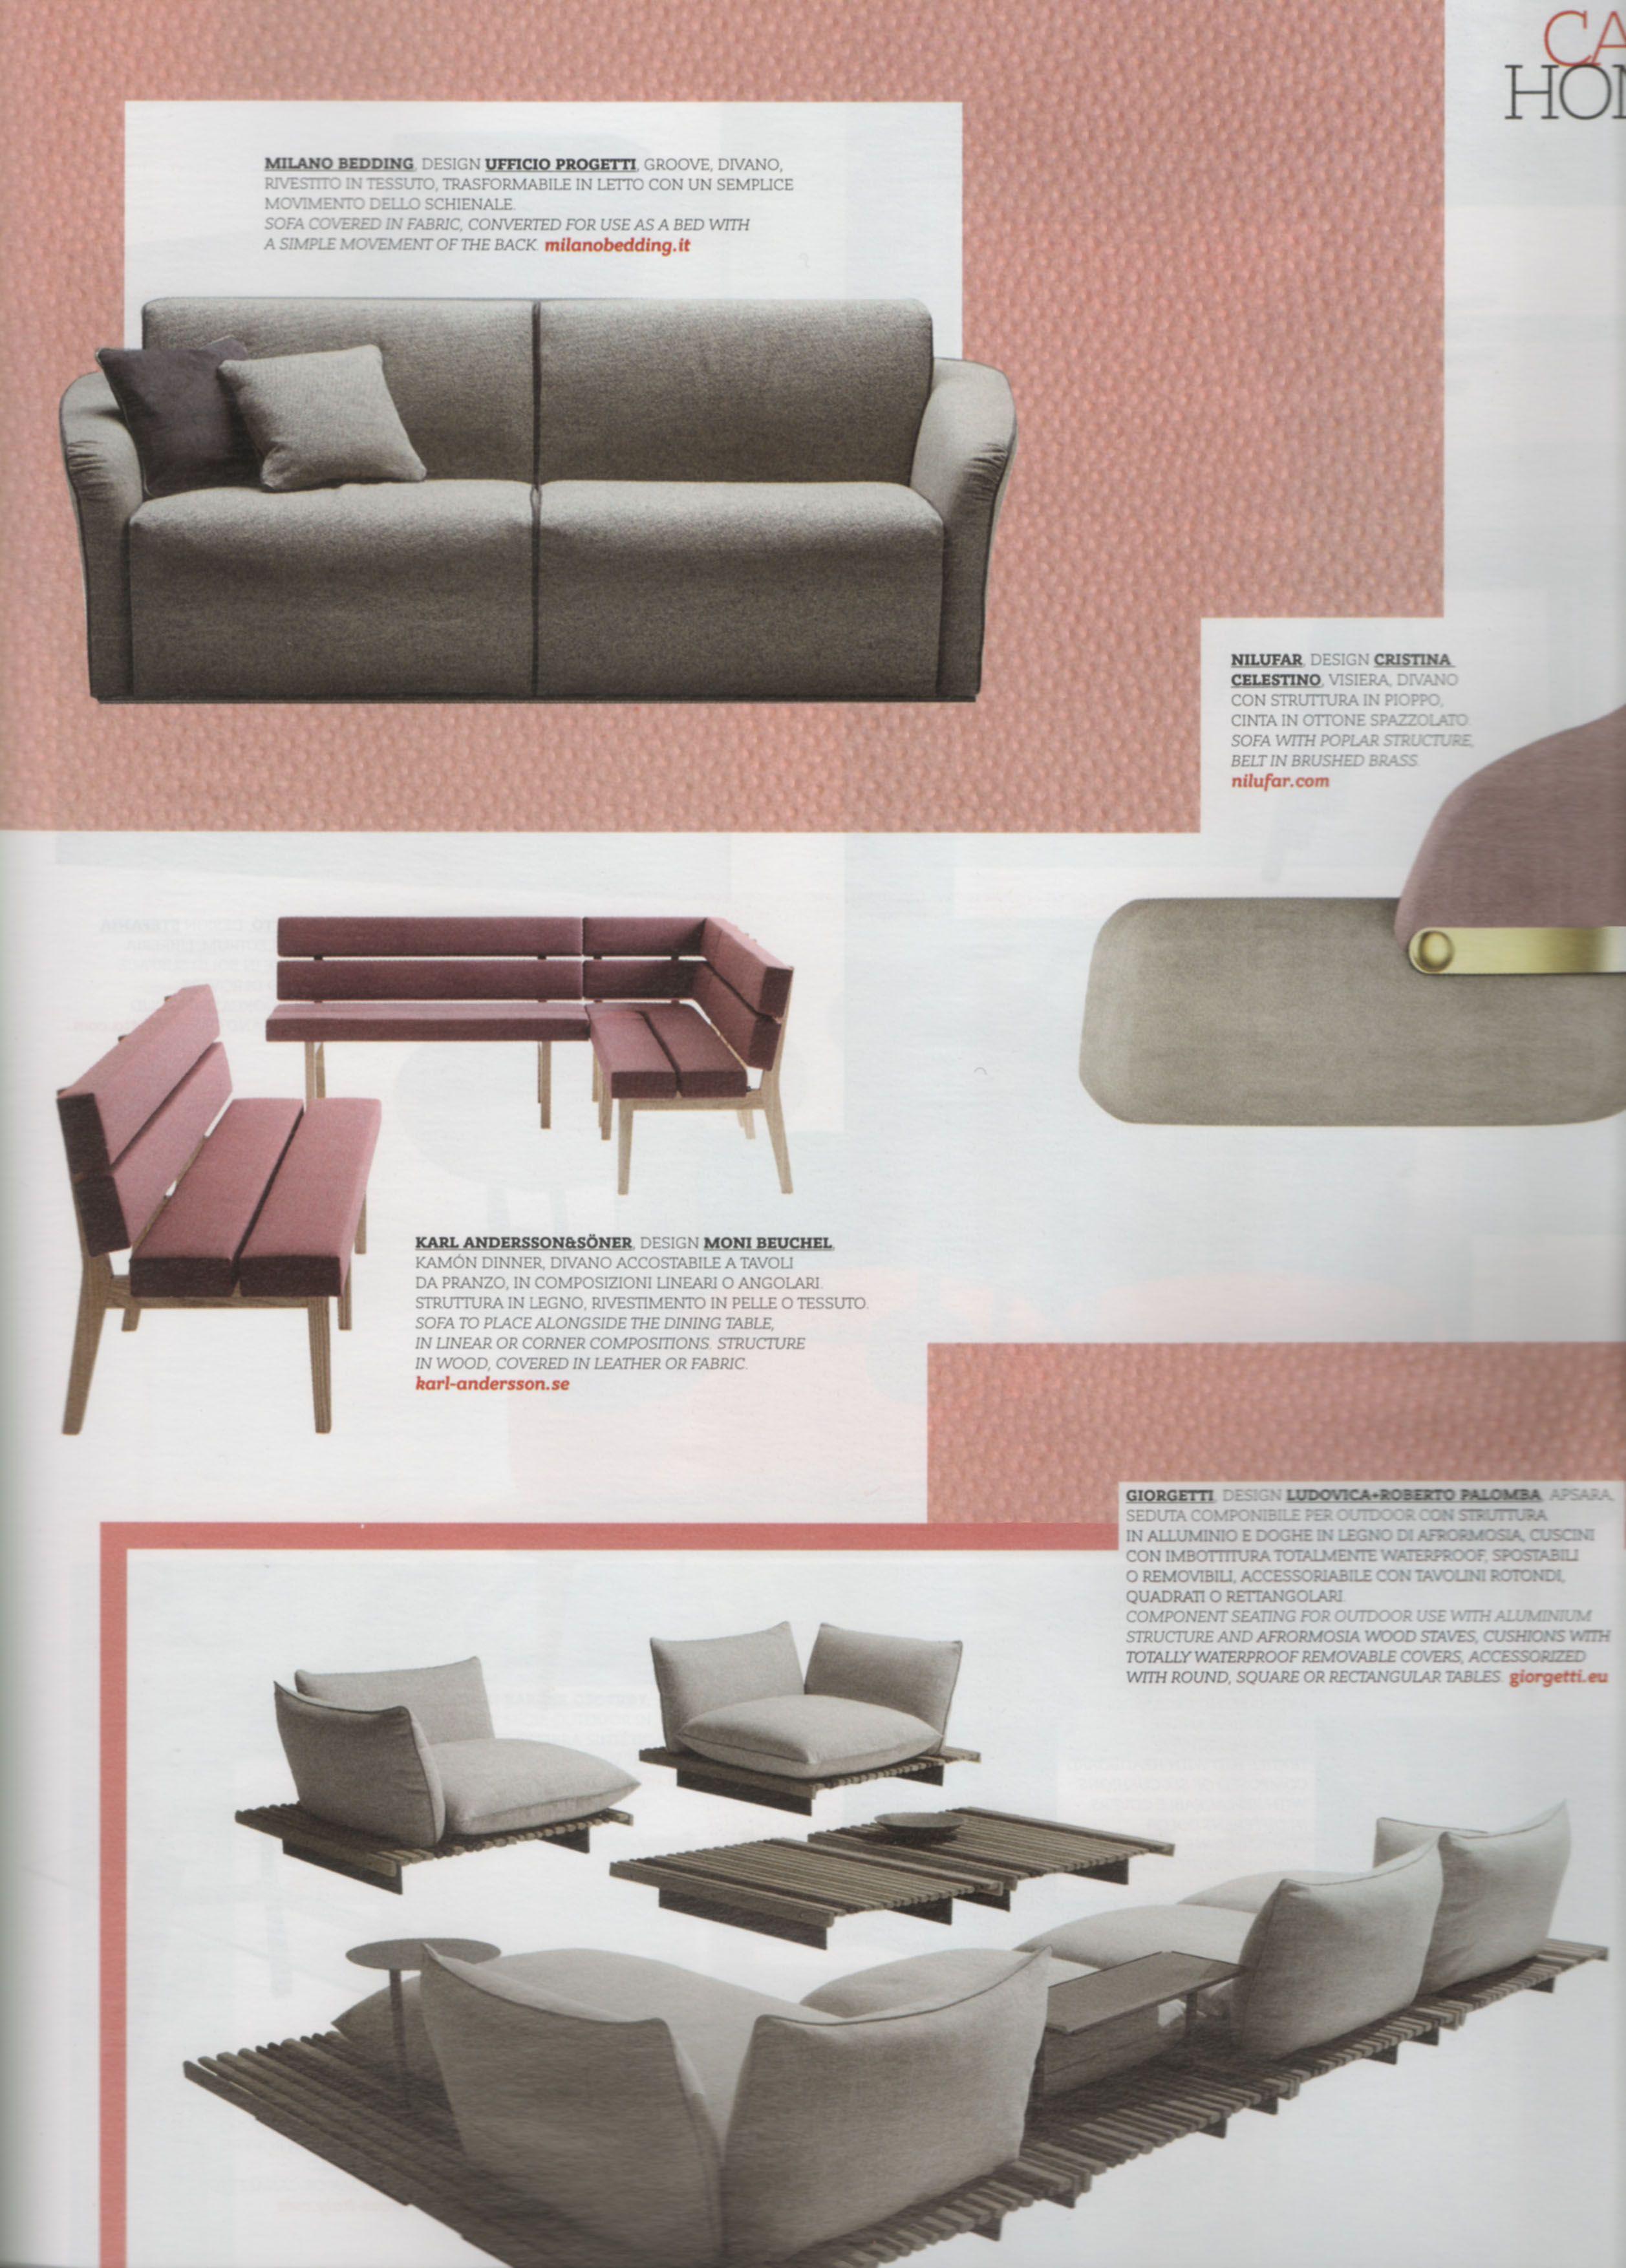 Divani Letto In Pelle Milano.Interni King Size Magazine Sofa And Sofa Bed By Milano Bedding